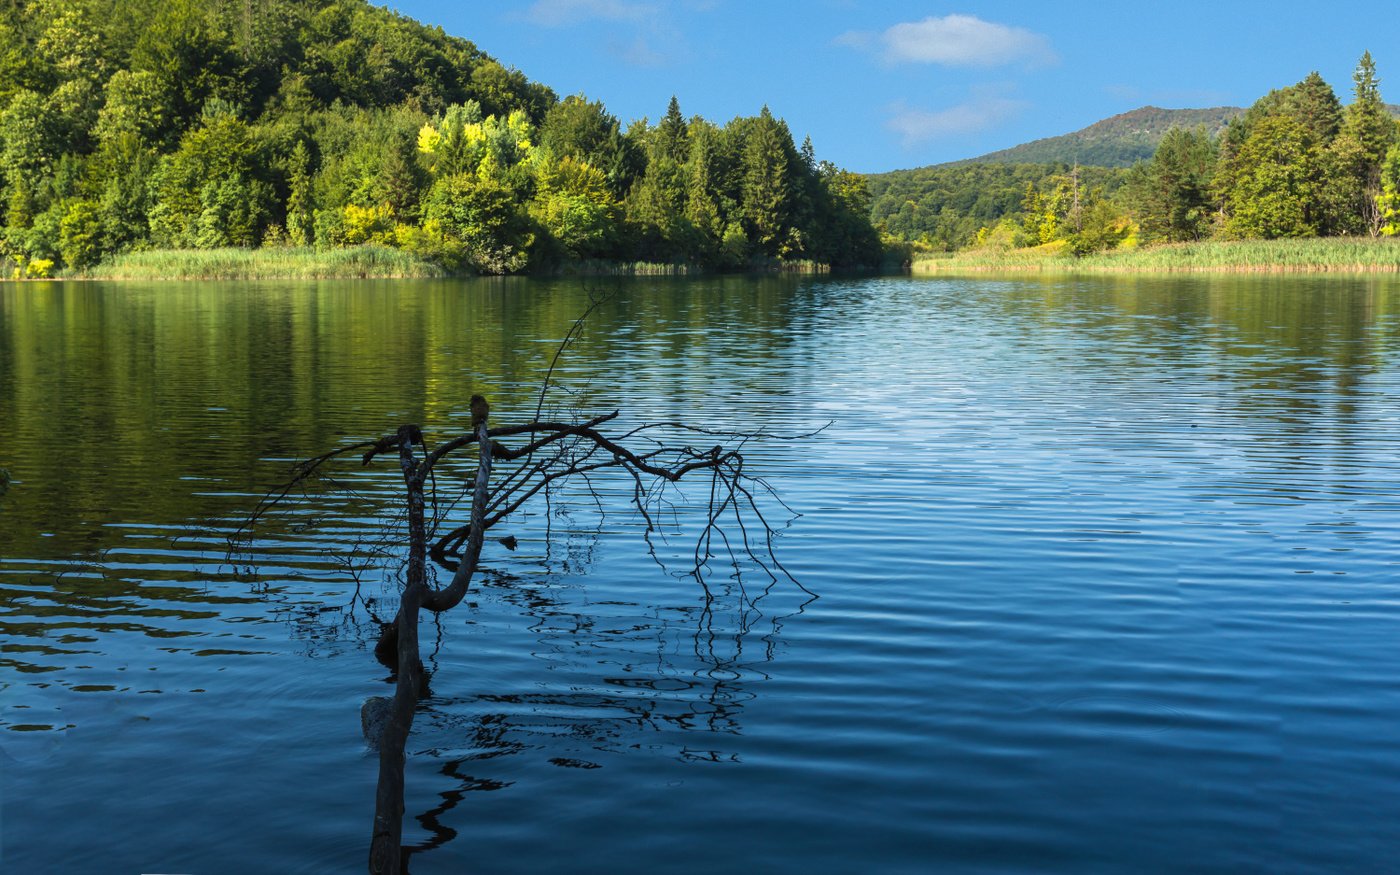 картинки озерского края такая нас получилась